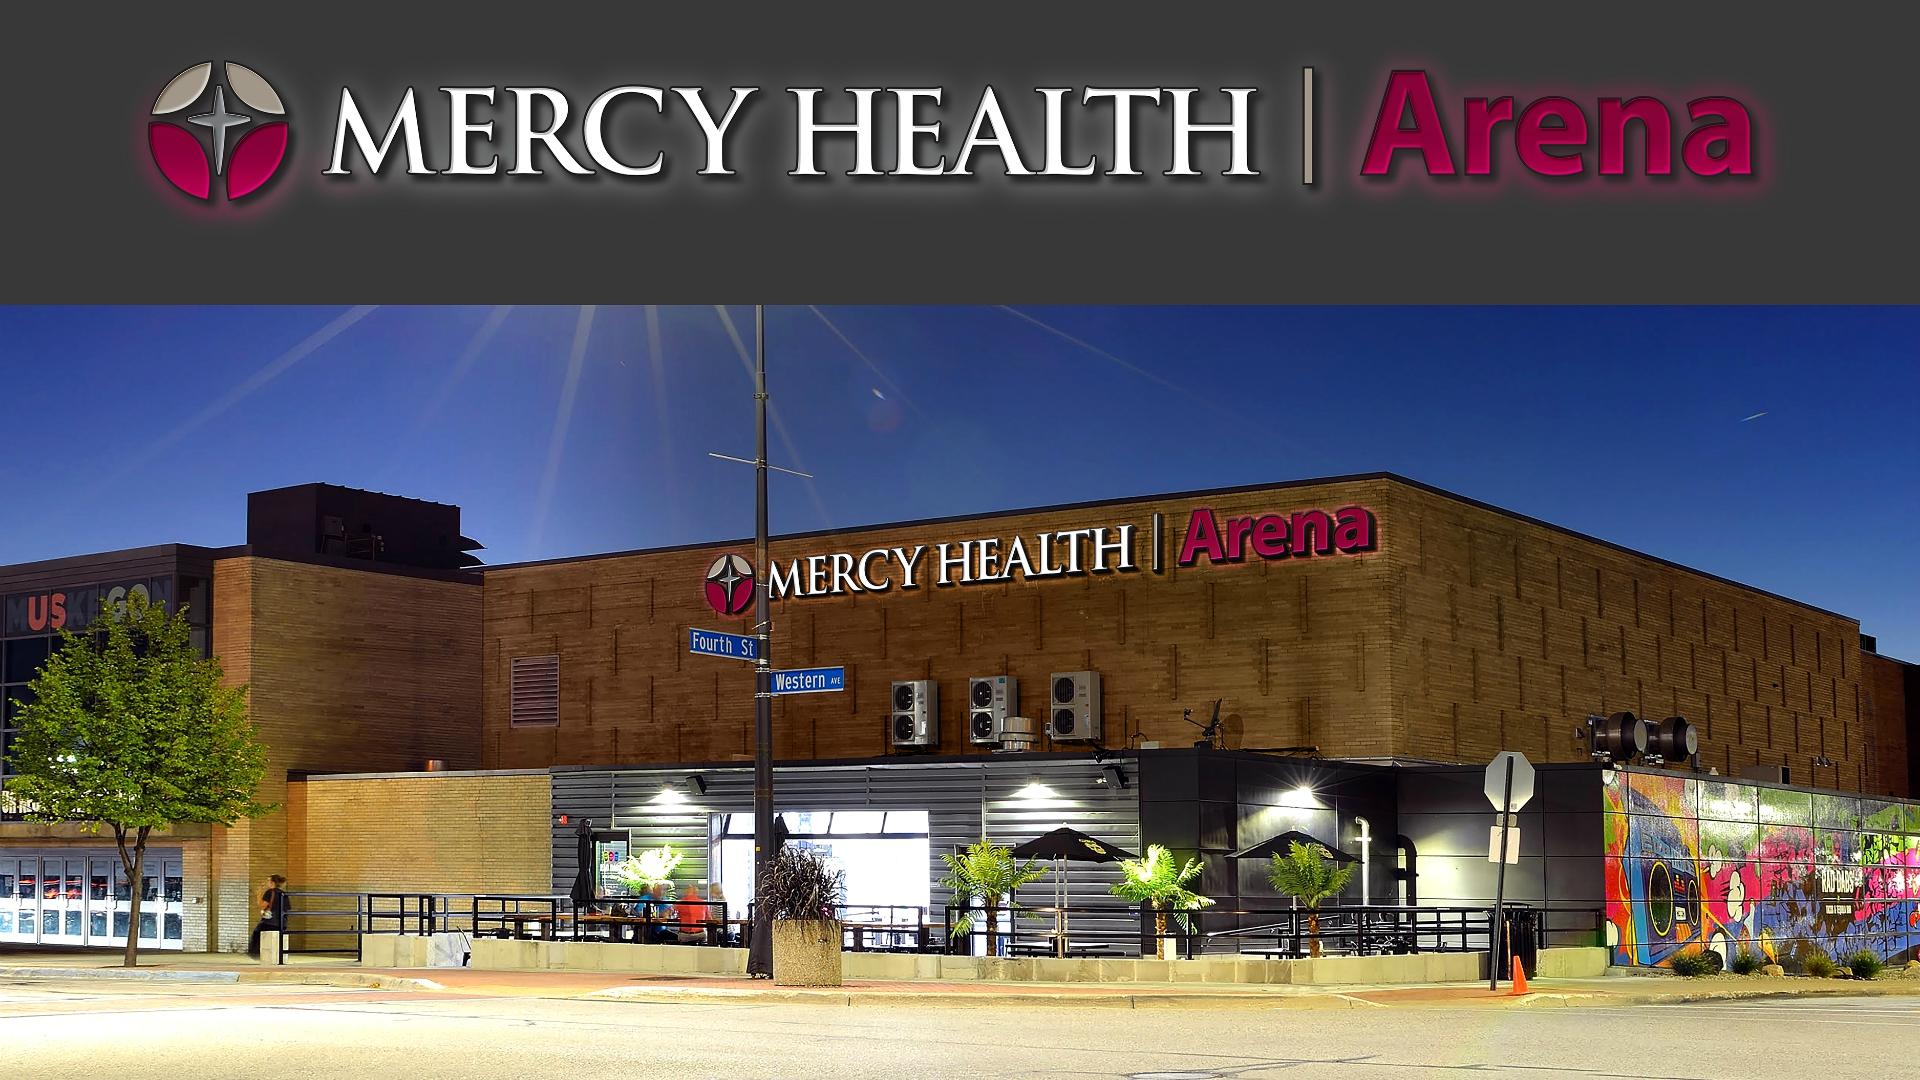 Mercy Health Arena rendering